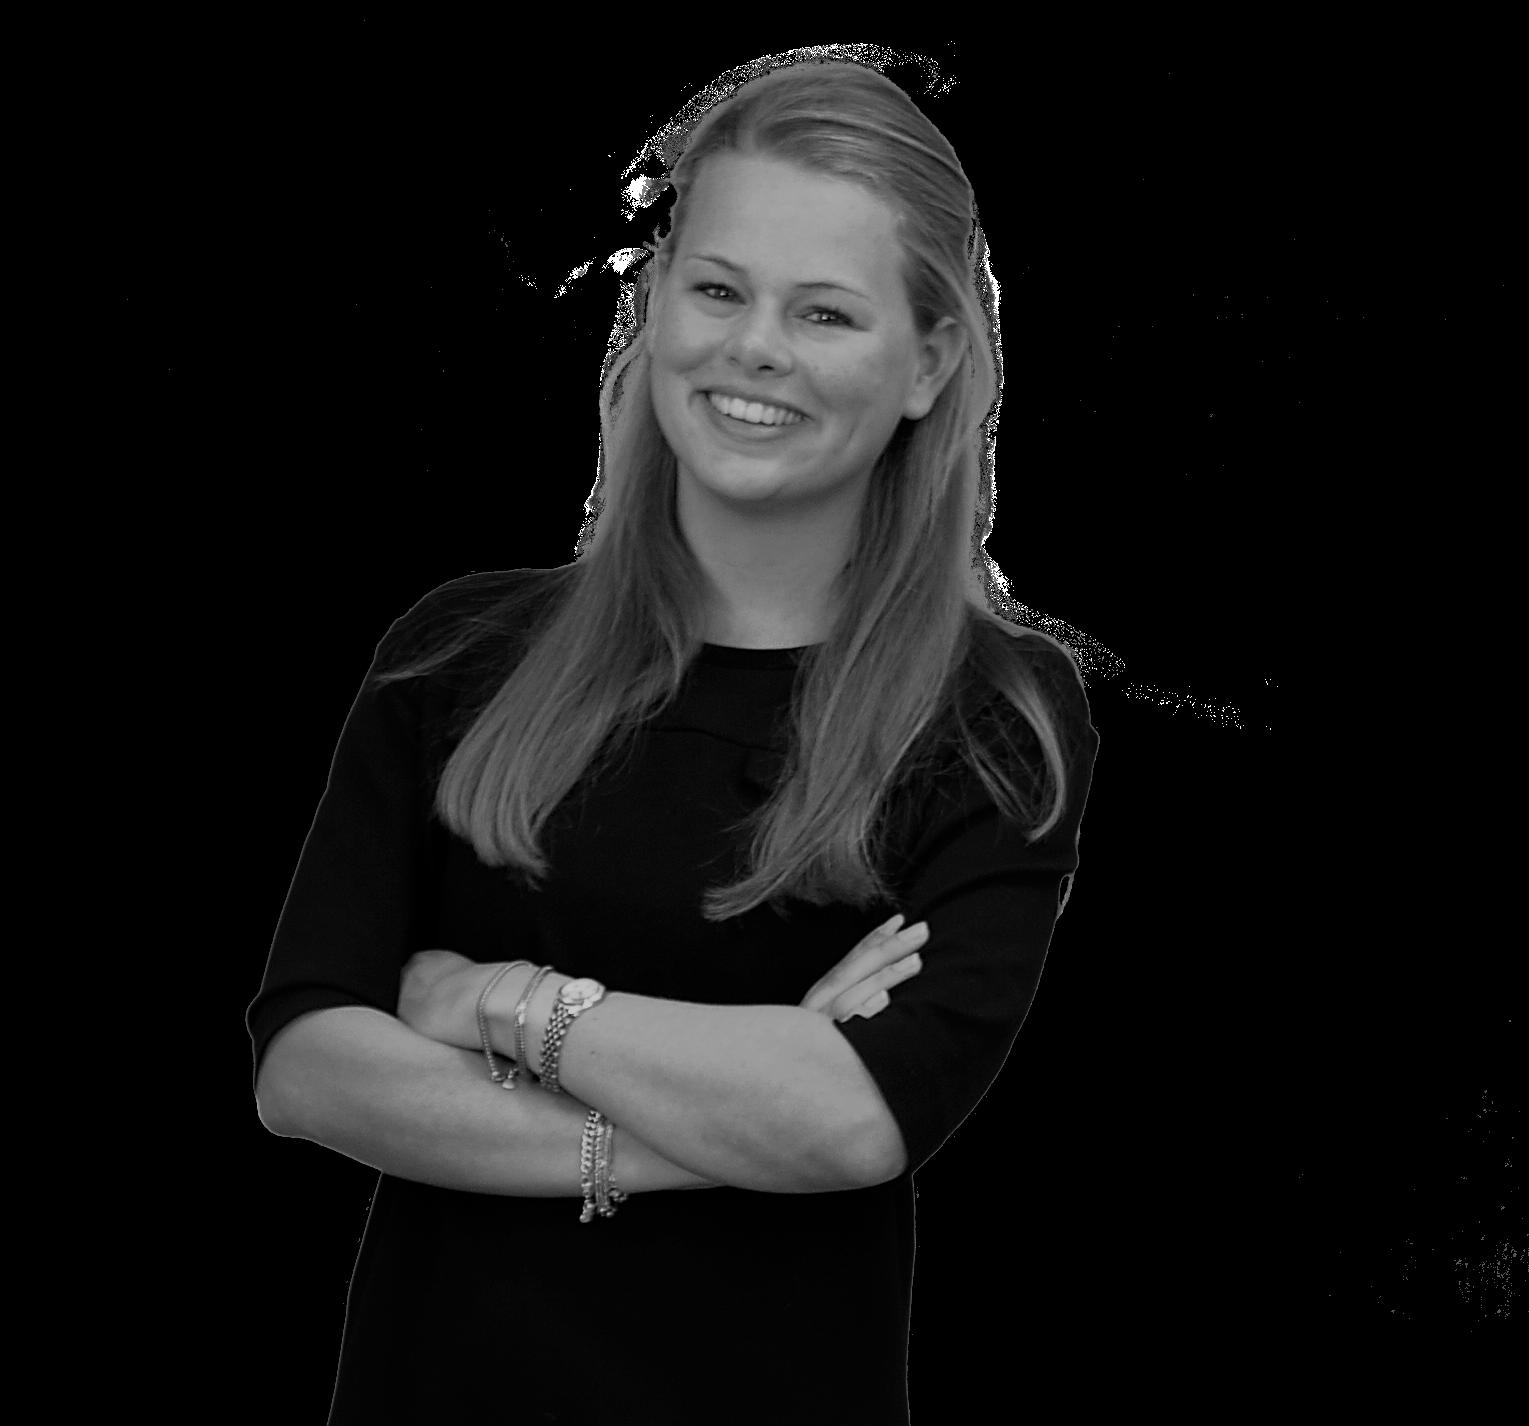 Marketing medewerker geeft aan dat ze bij Q3 Concept werkt in een team waarbij innovatieve inbreng wordt gewaardeerd en werkzaamheden afwisselend zijn.